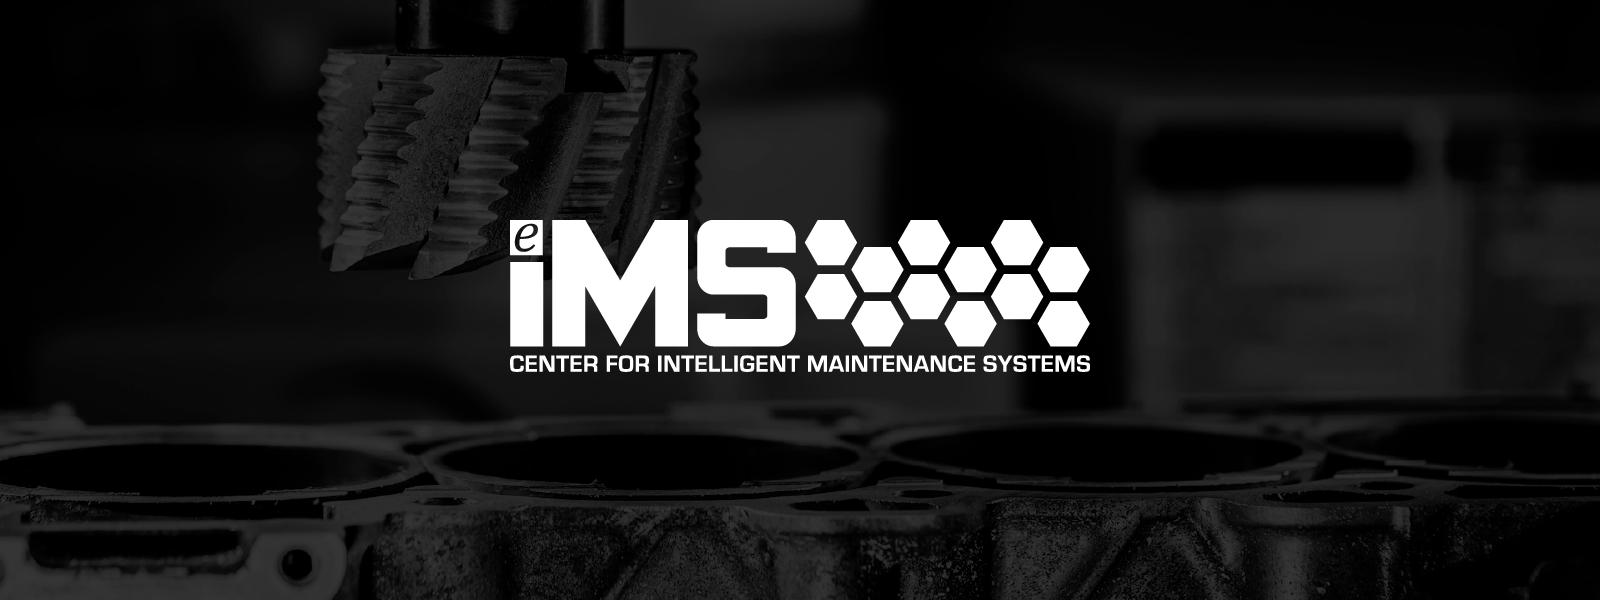 IMS site